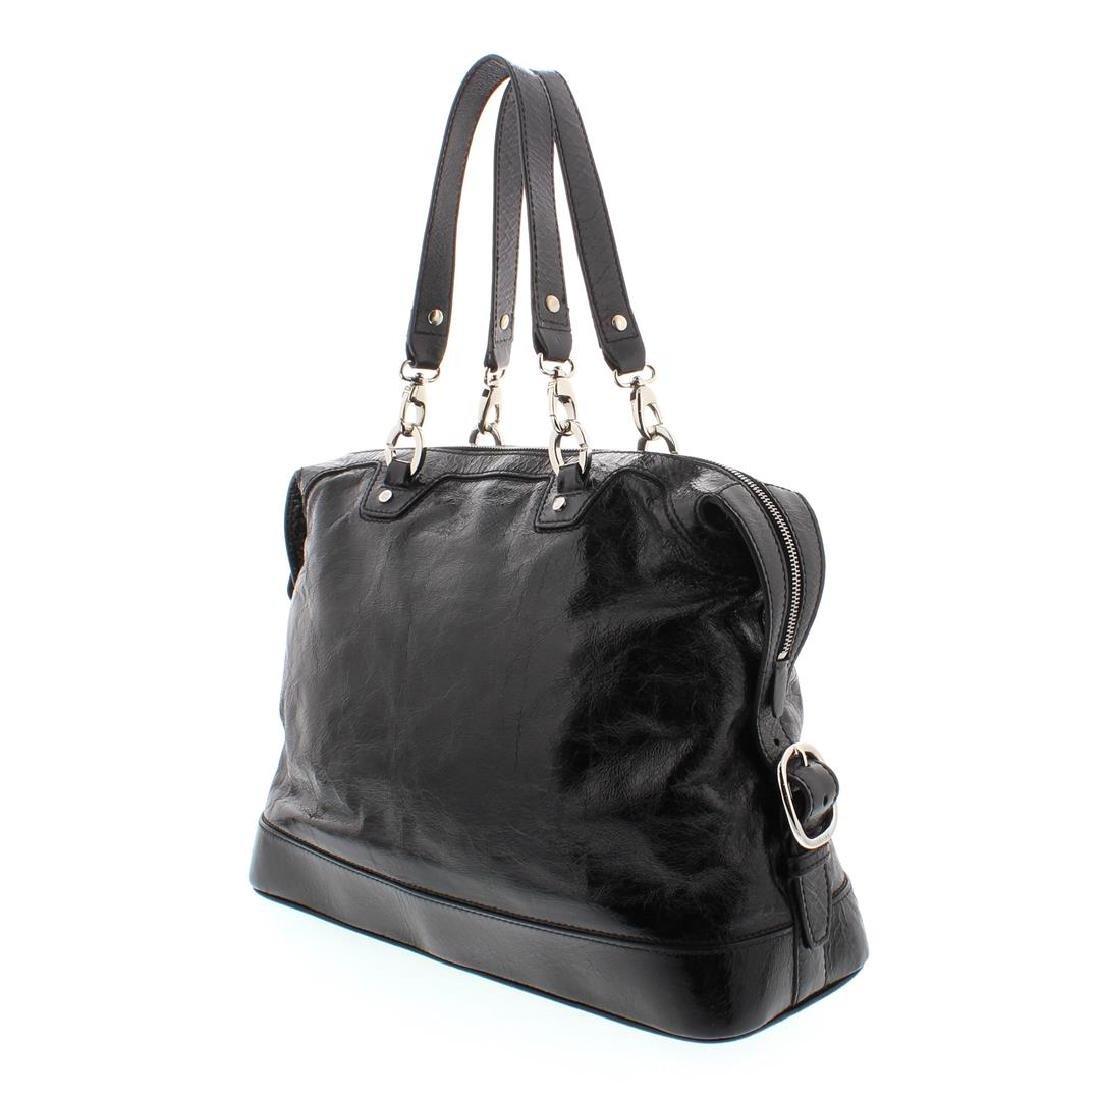 Celine Black Distressed Patent Leather Shoulder Handbag - 7